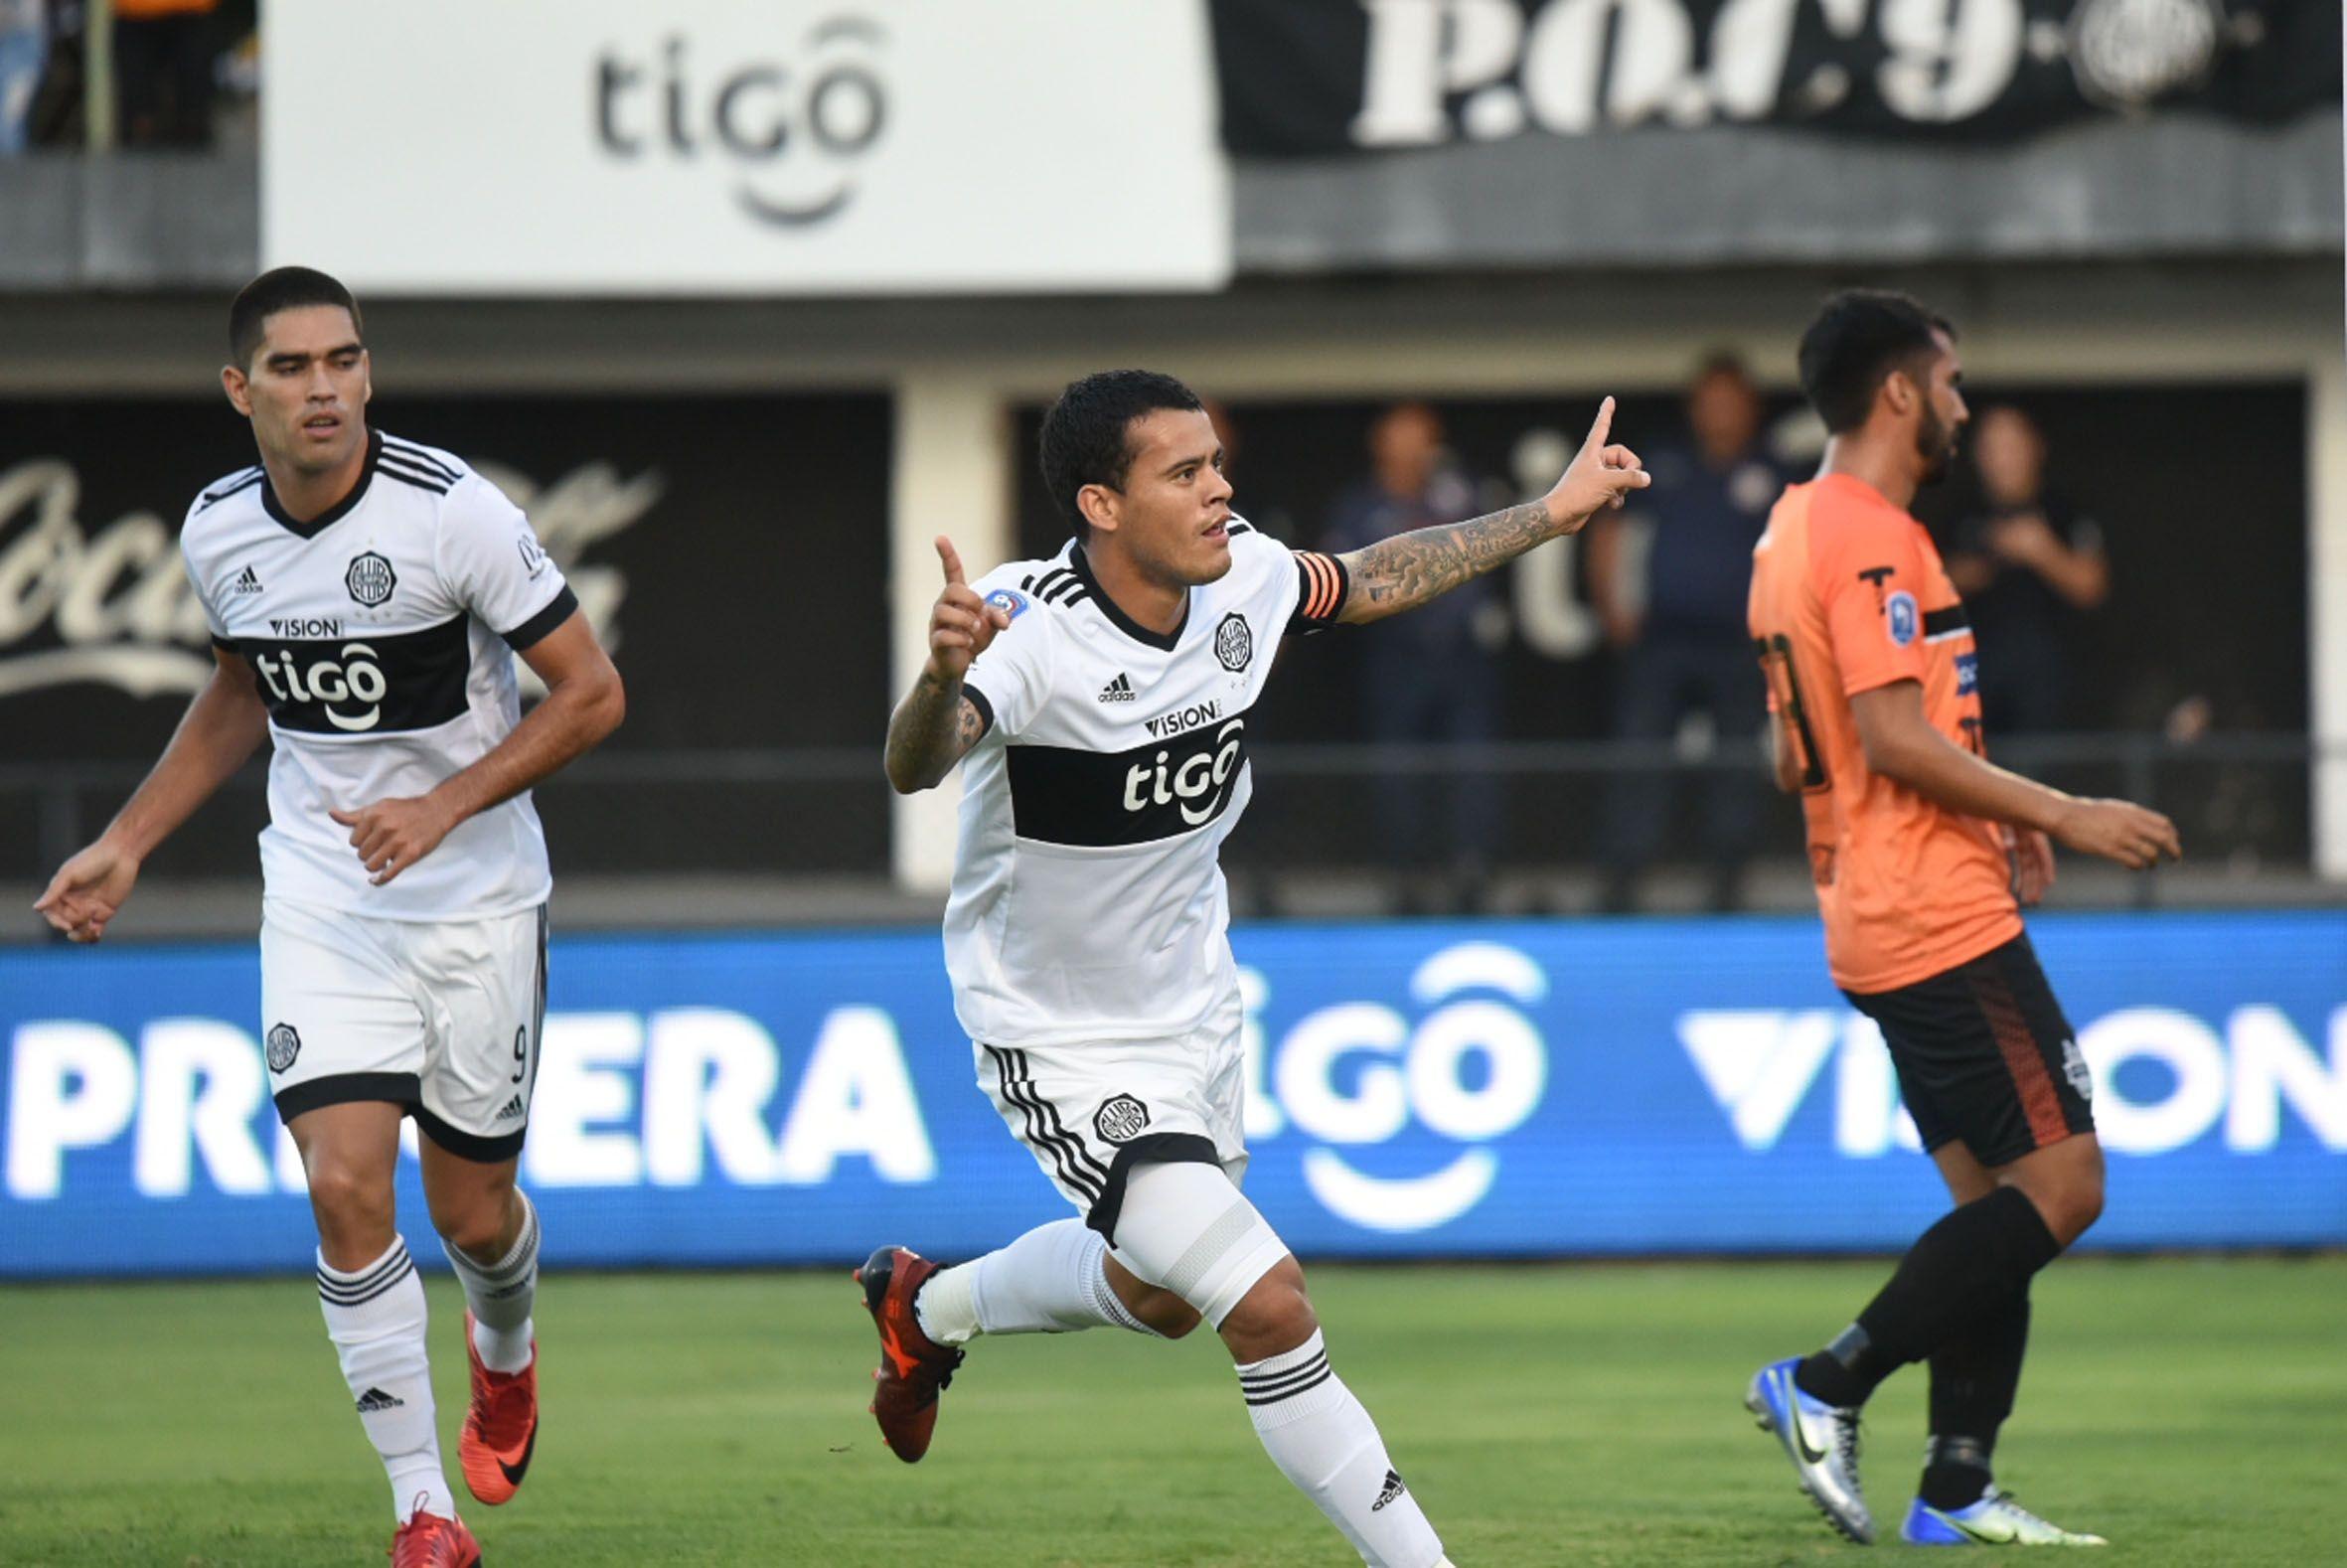 El capitán Mendieta celebra el primer gol del partido. Foto: Daniel Duarte.